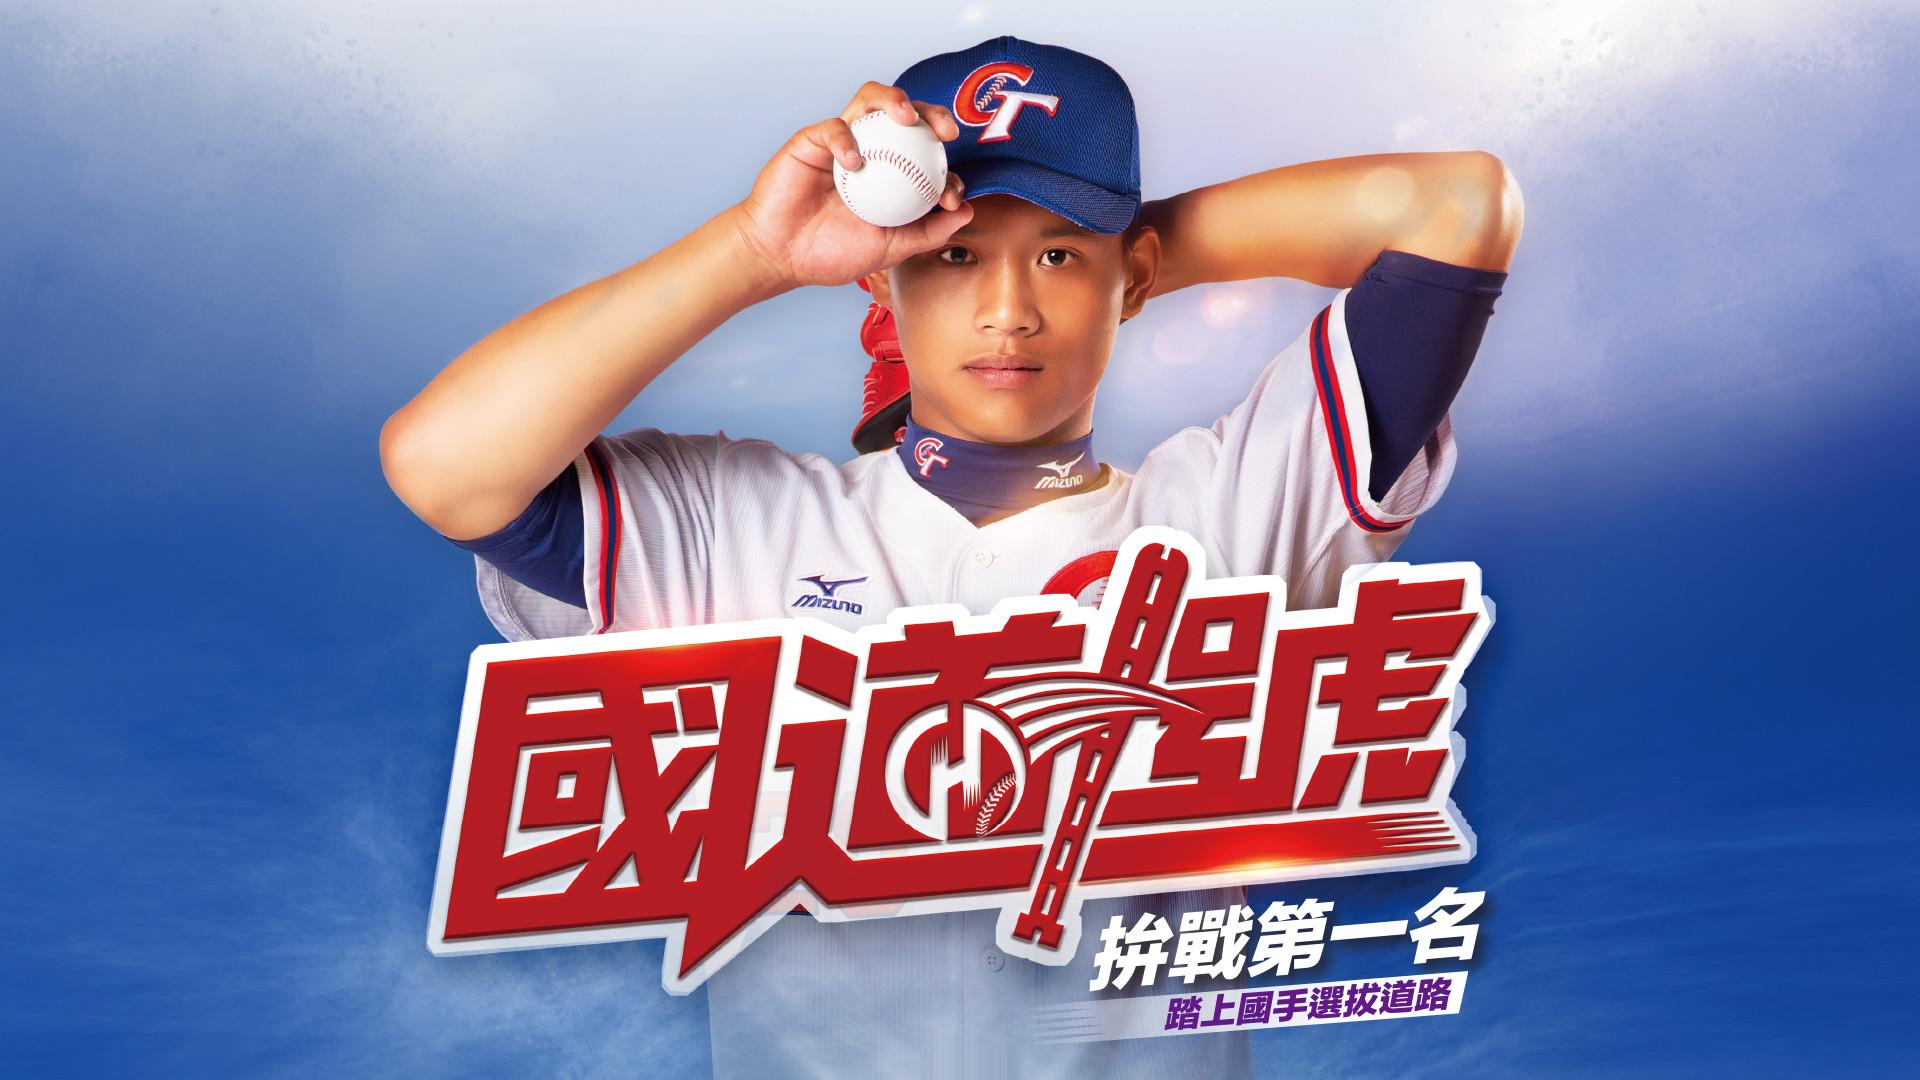 2021 華南金控盃青少棒錦標賽